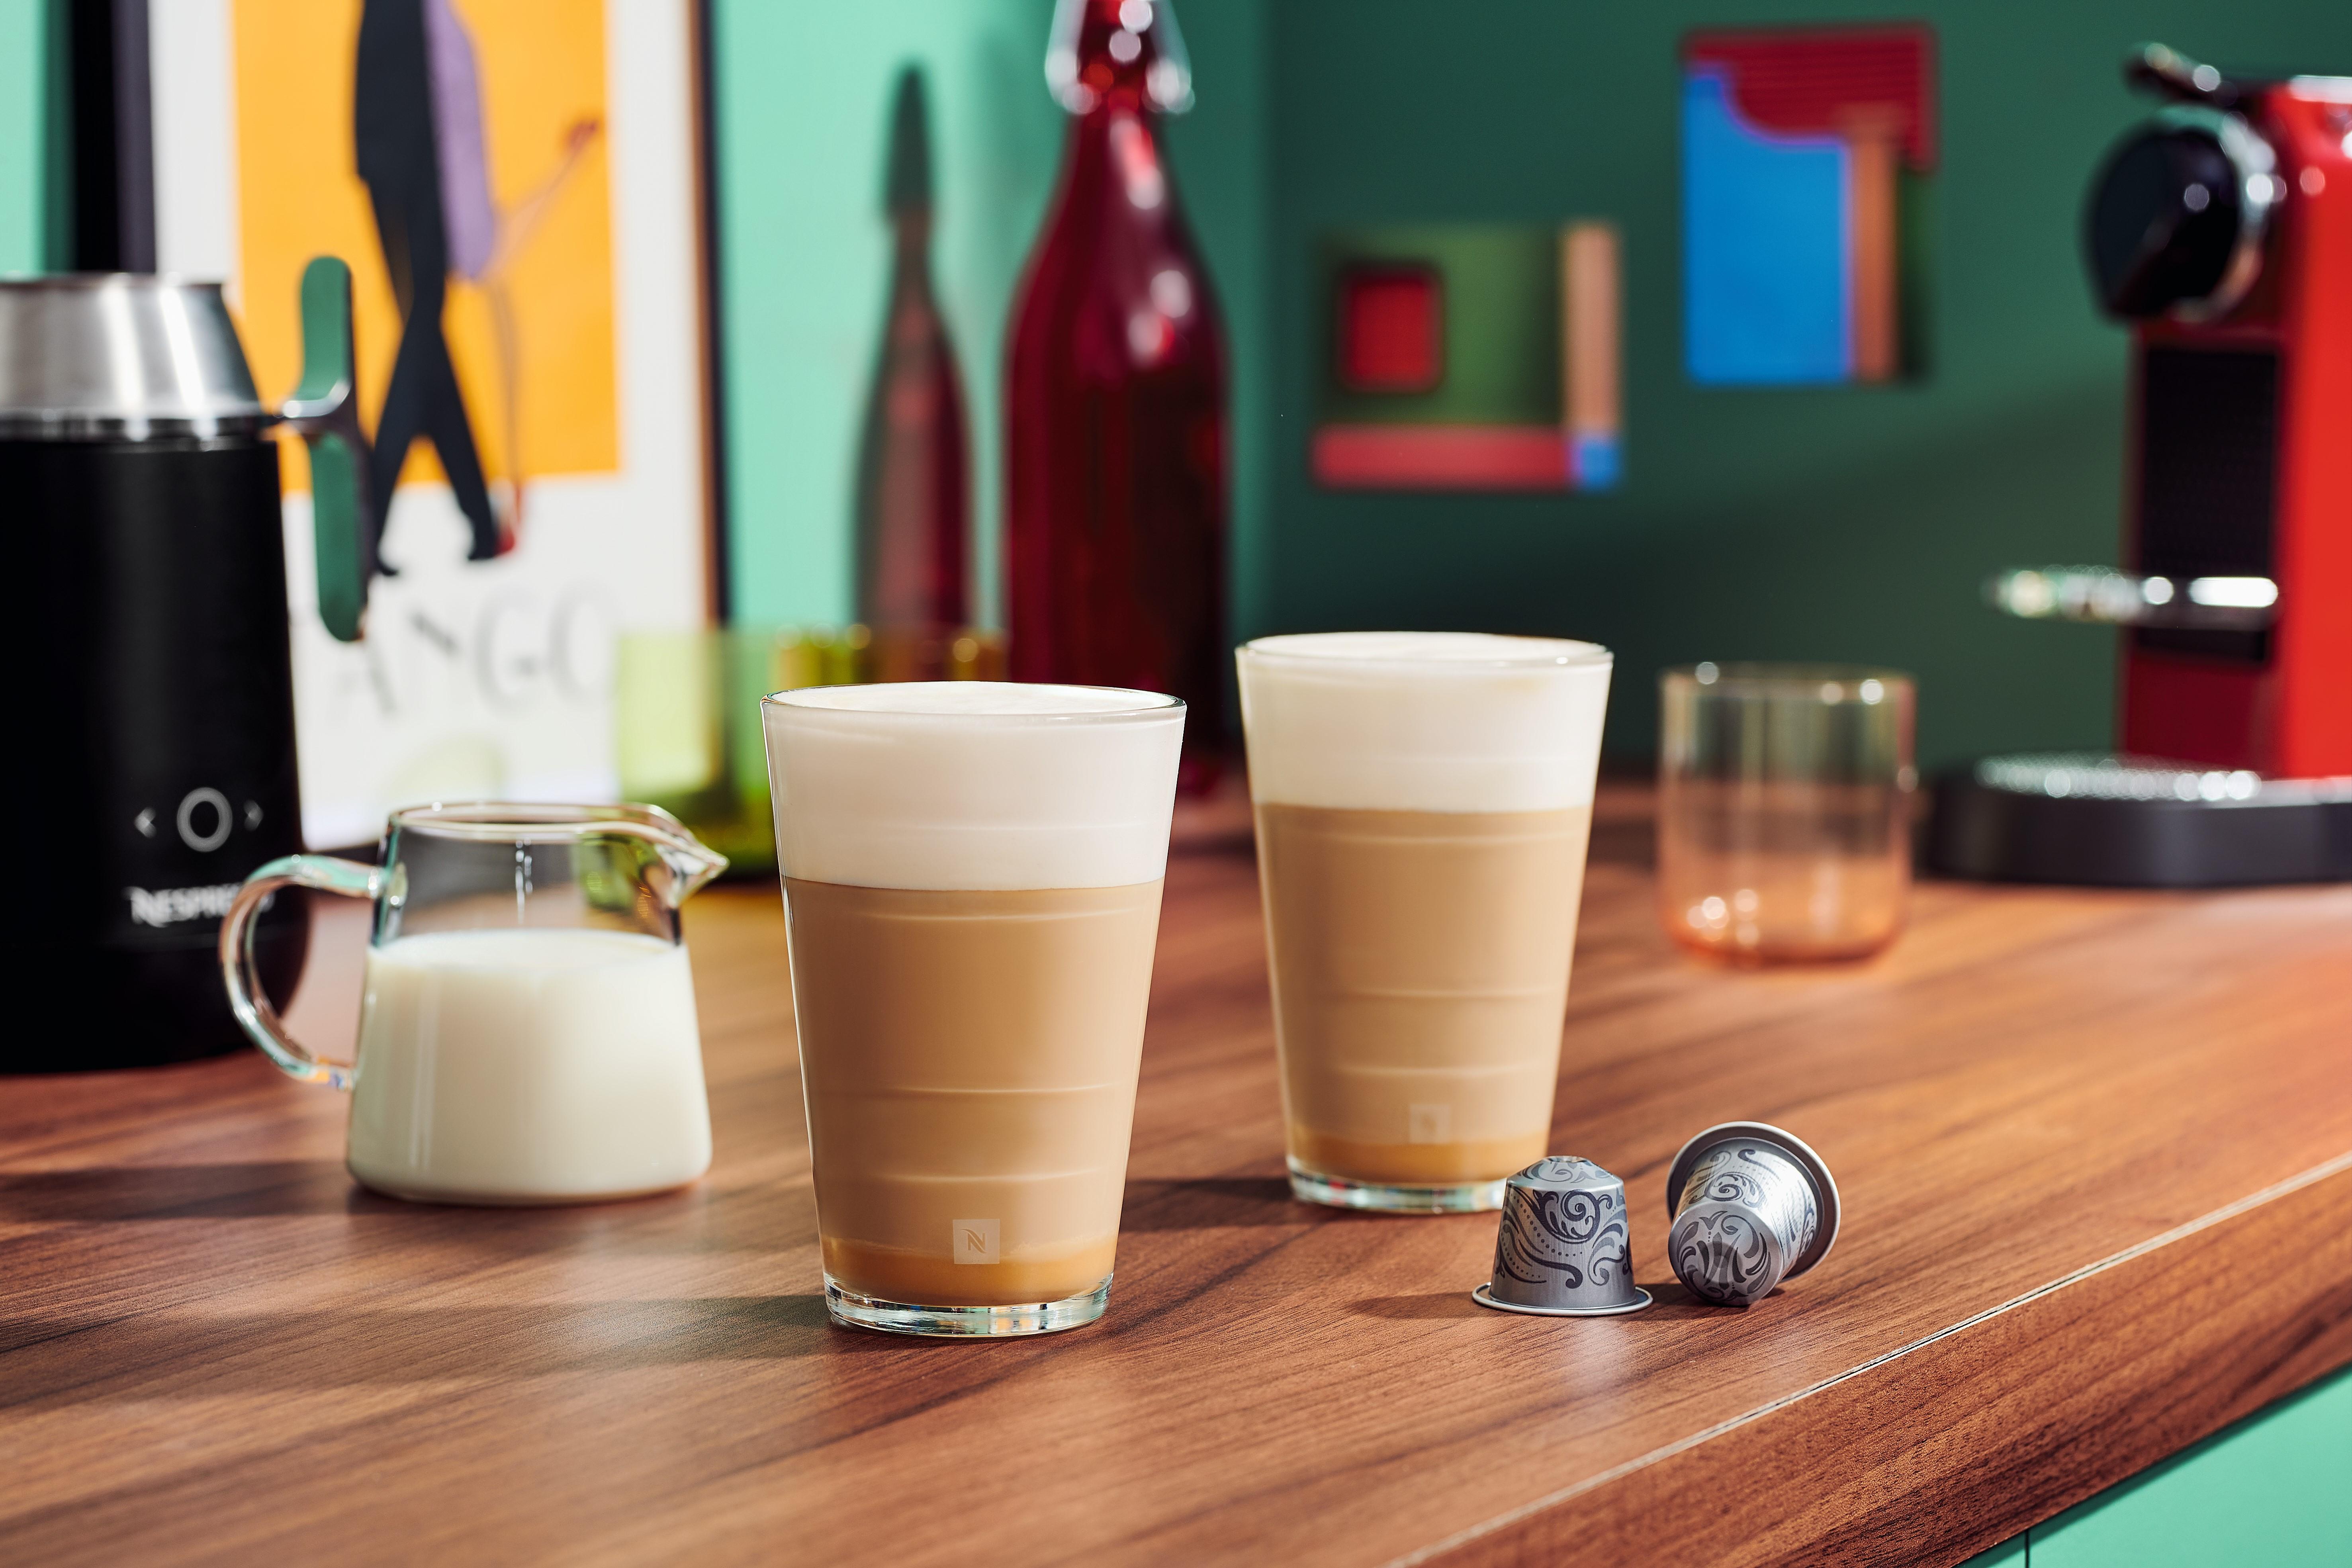 نيسبريسو تطلق تشكيلة القهوة الجديدة ورلد إكسبلوريشنز